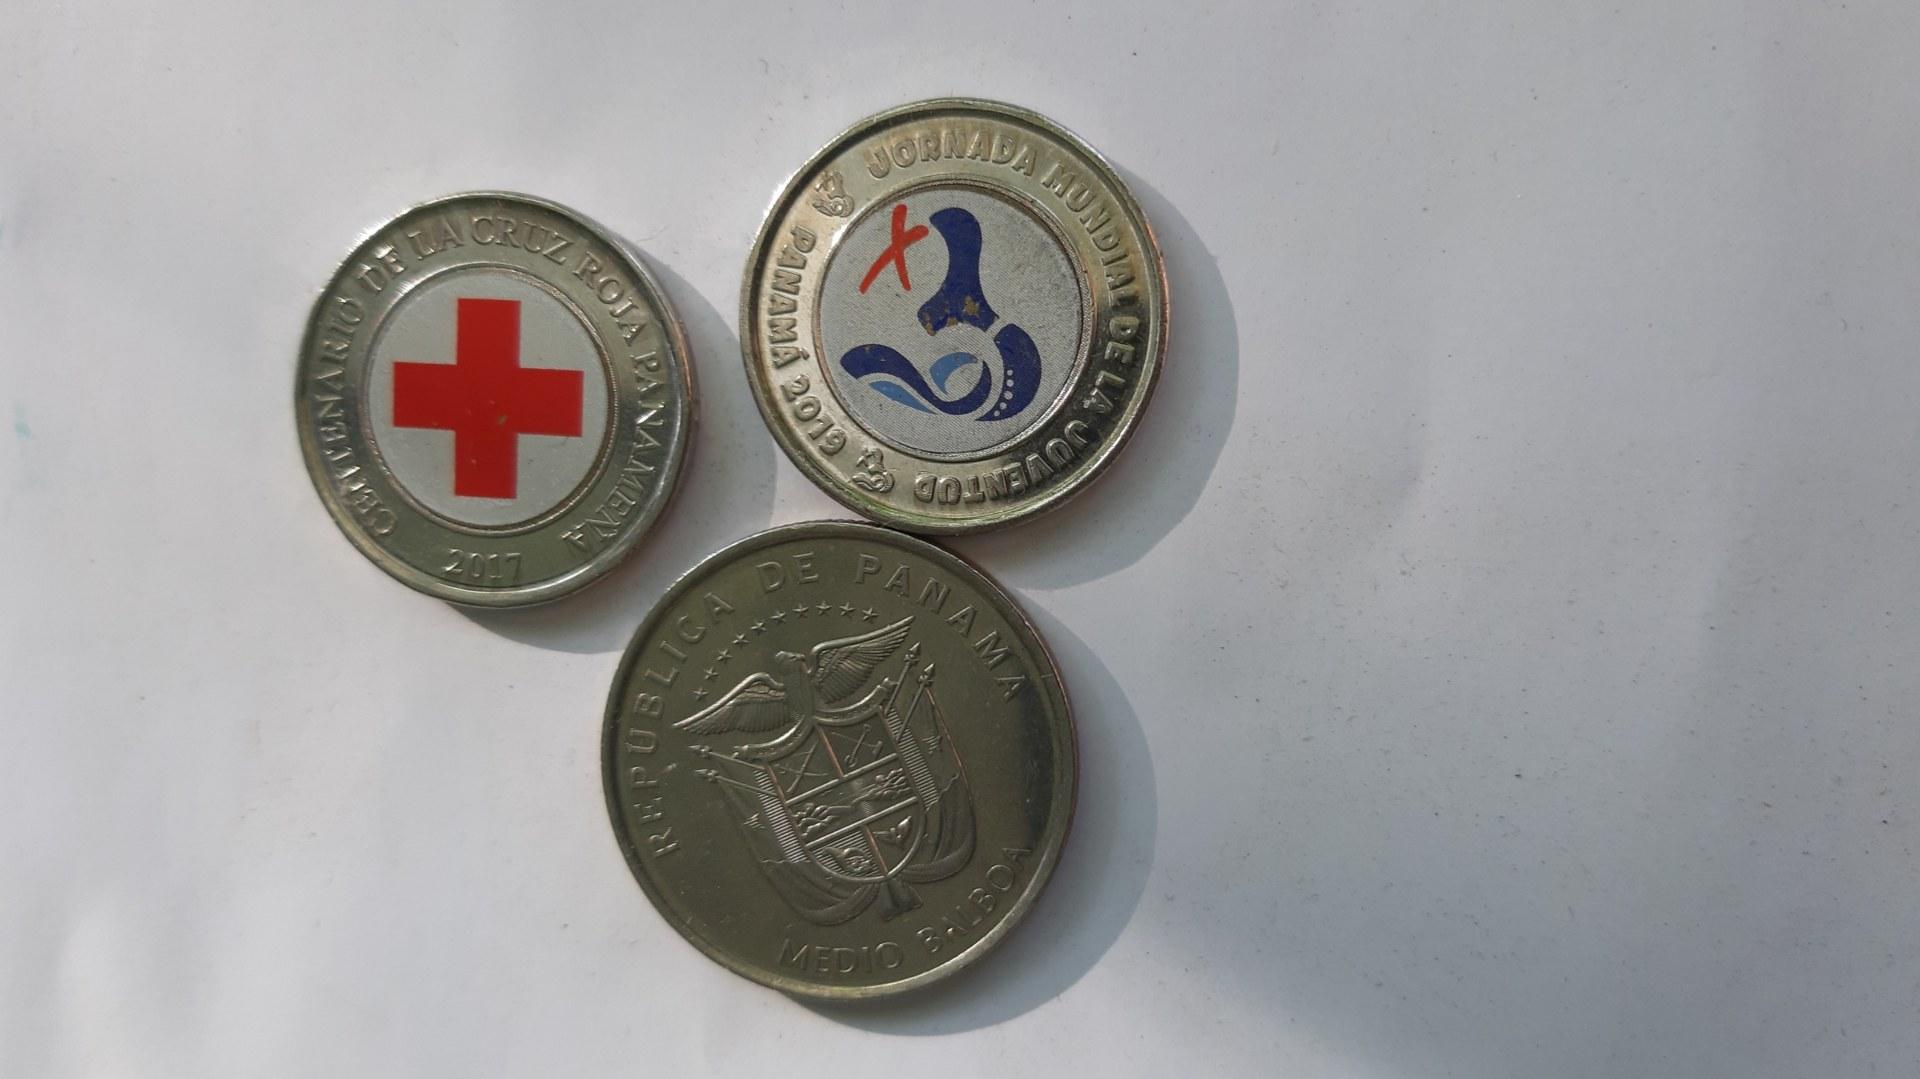 Trzy monety z różnycmi emblematami i kolorami.